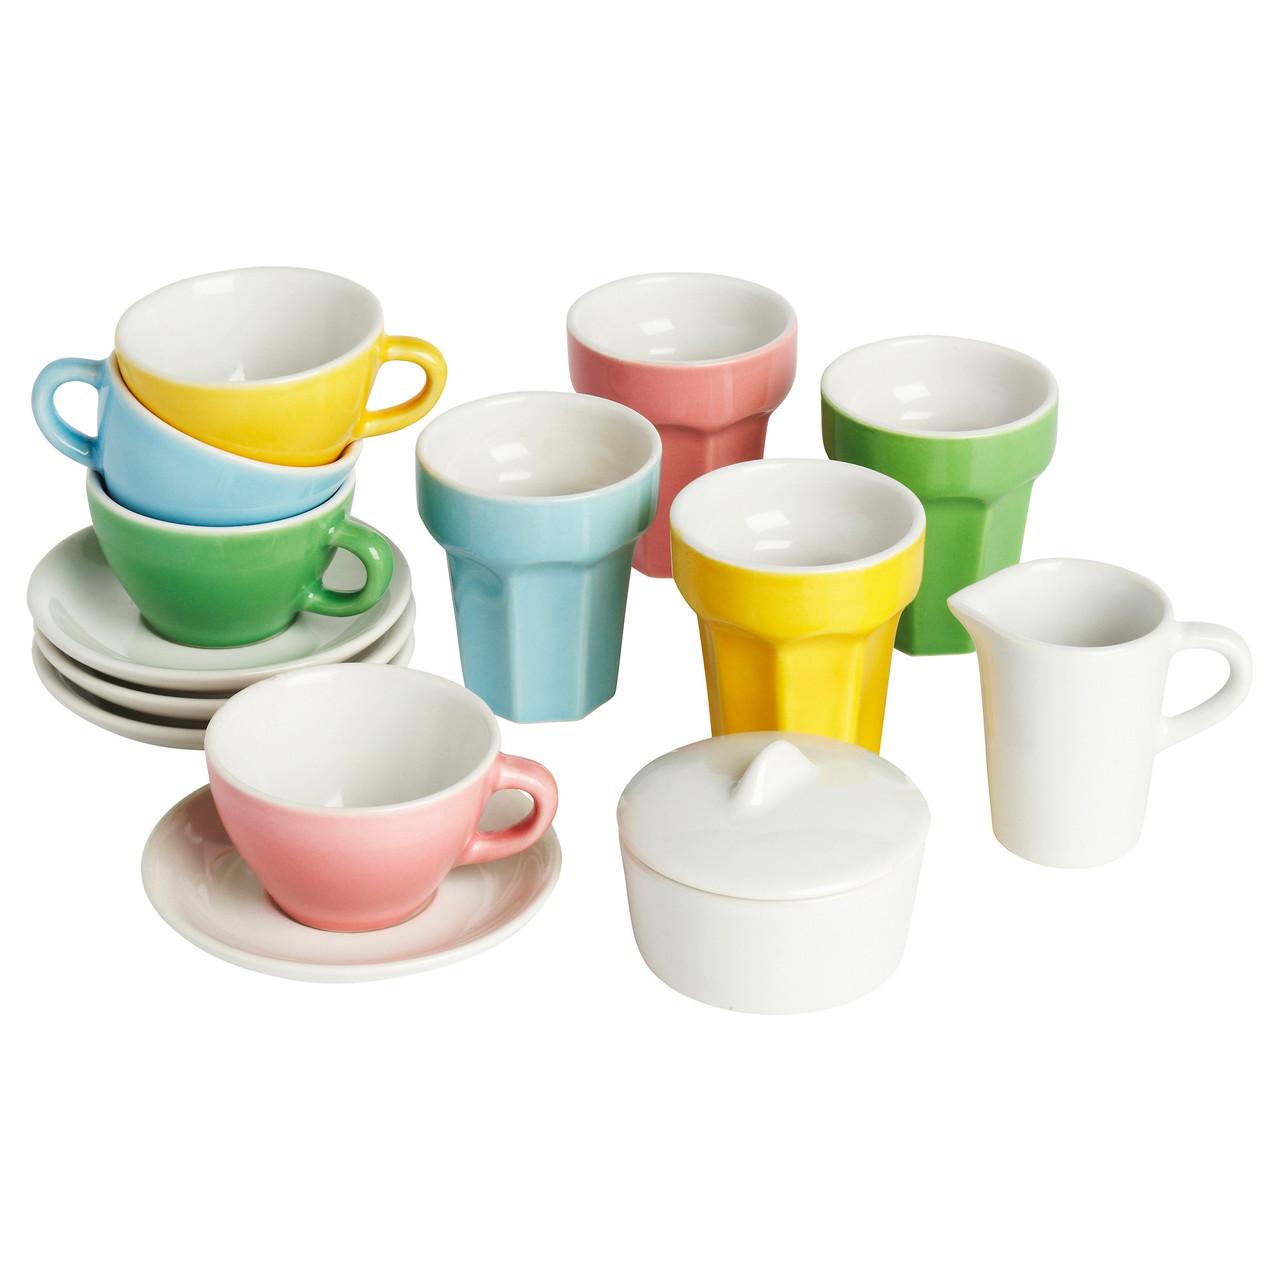 ДУКТИГ Игрушечной чайный сервиз, 10 предметов, разноцветный 90130163 IKEA, ИКЕА, DUKTIG